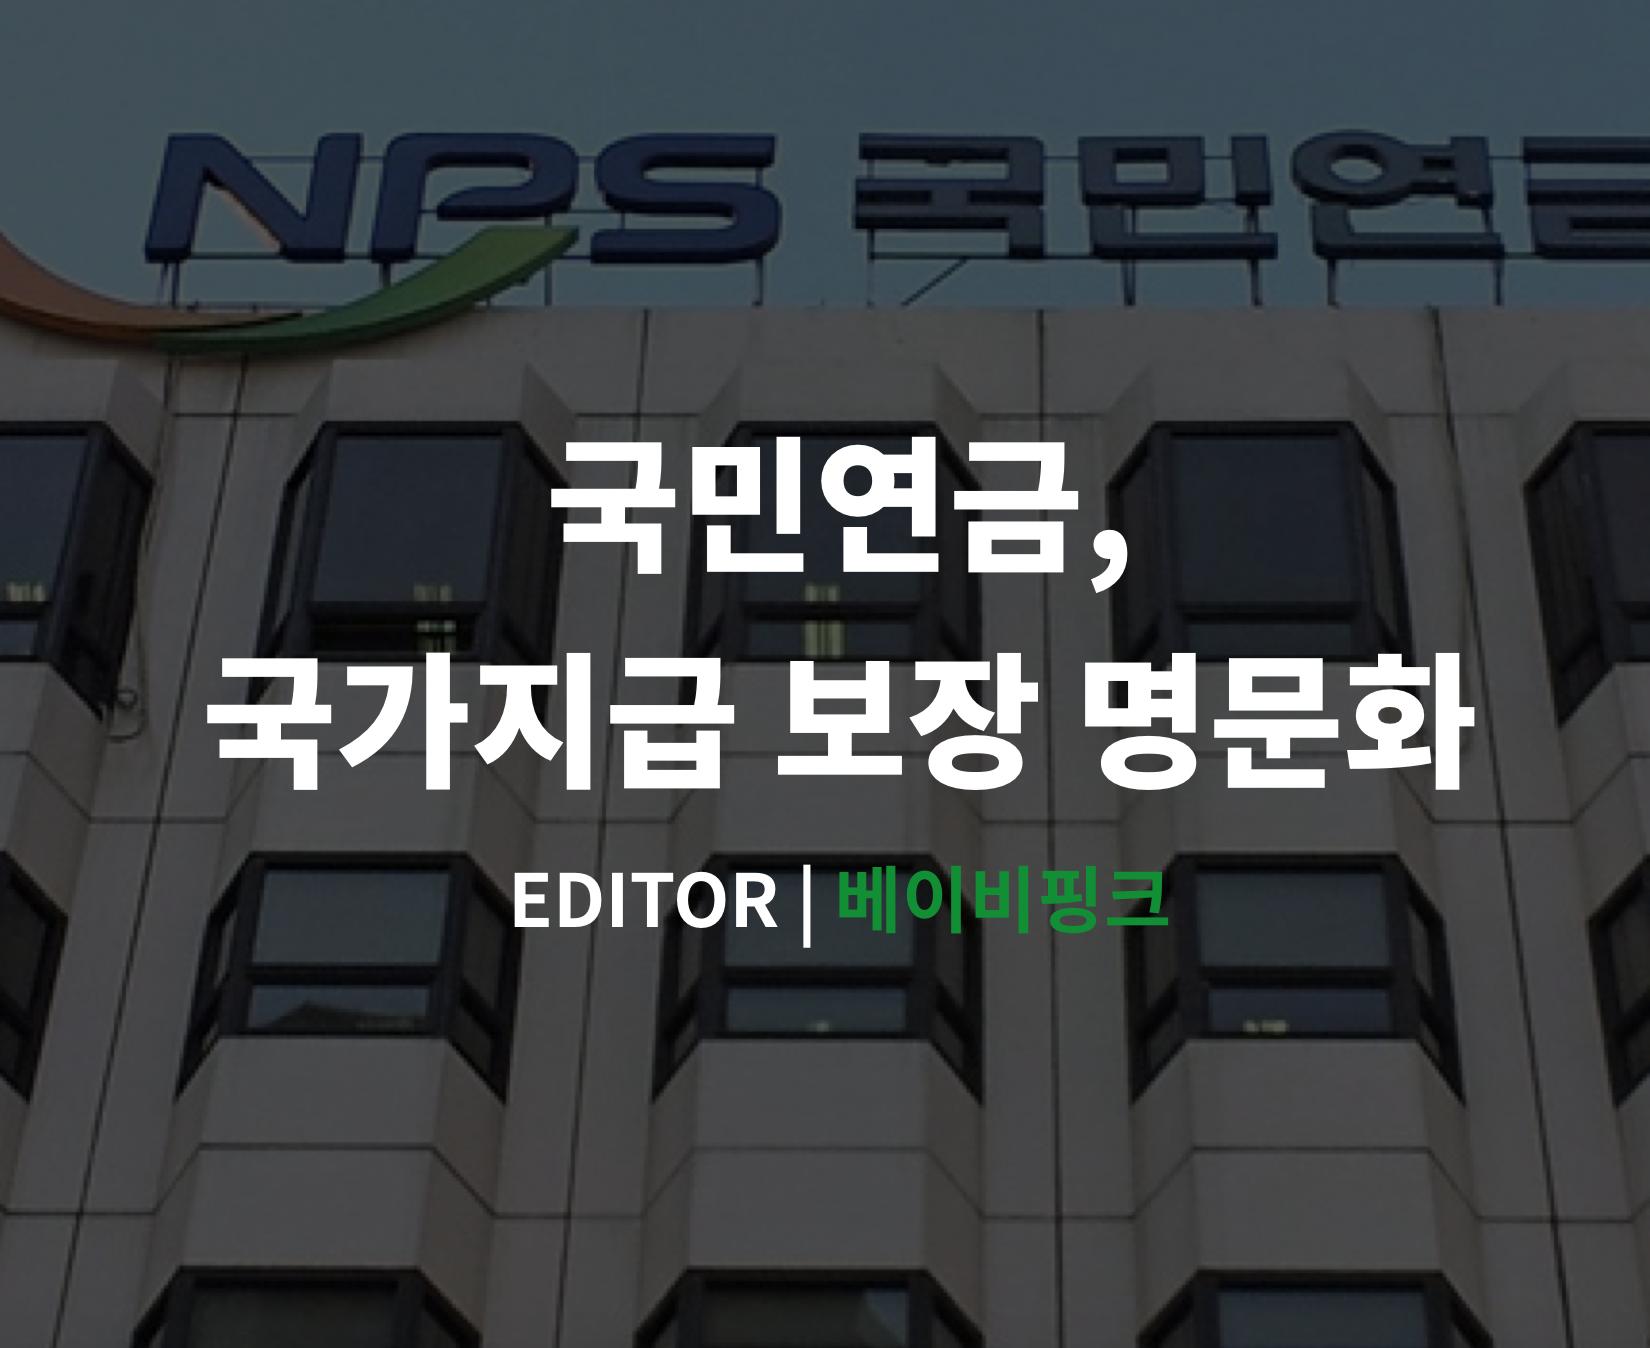 [베핑] 국민연금, '국가지급' 보장 명문화 - 201...